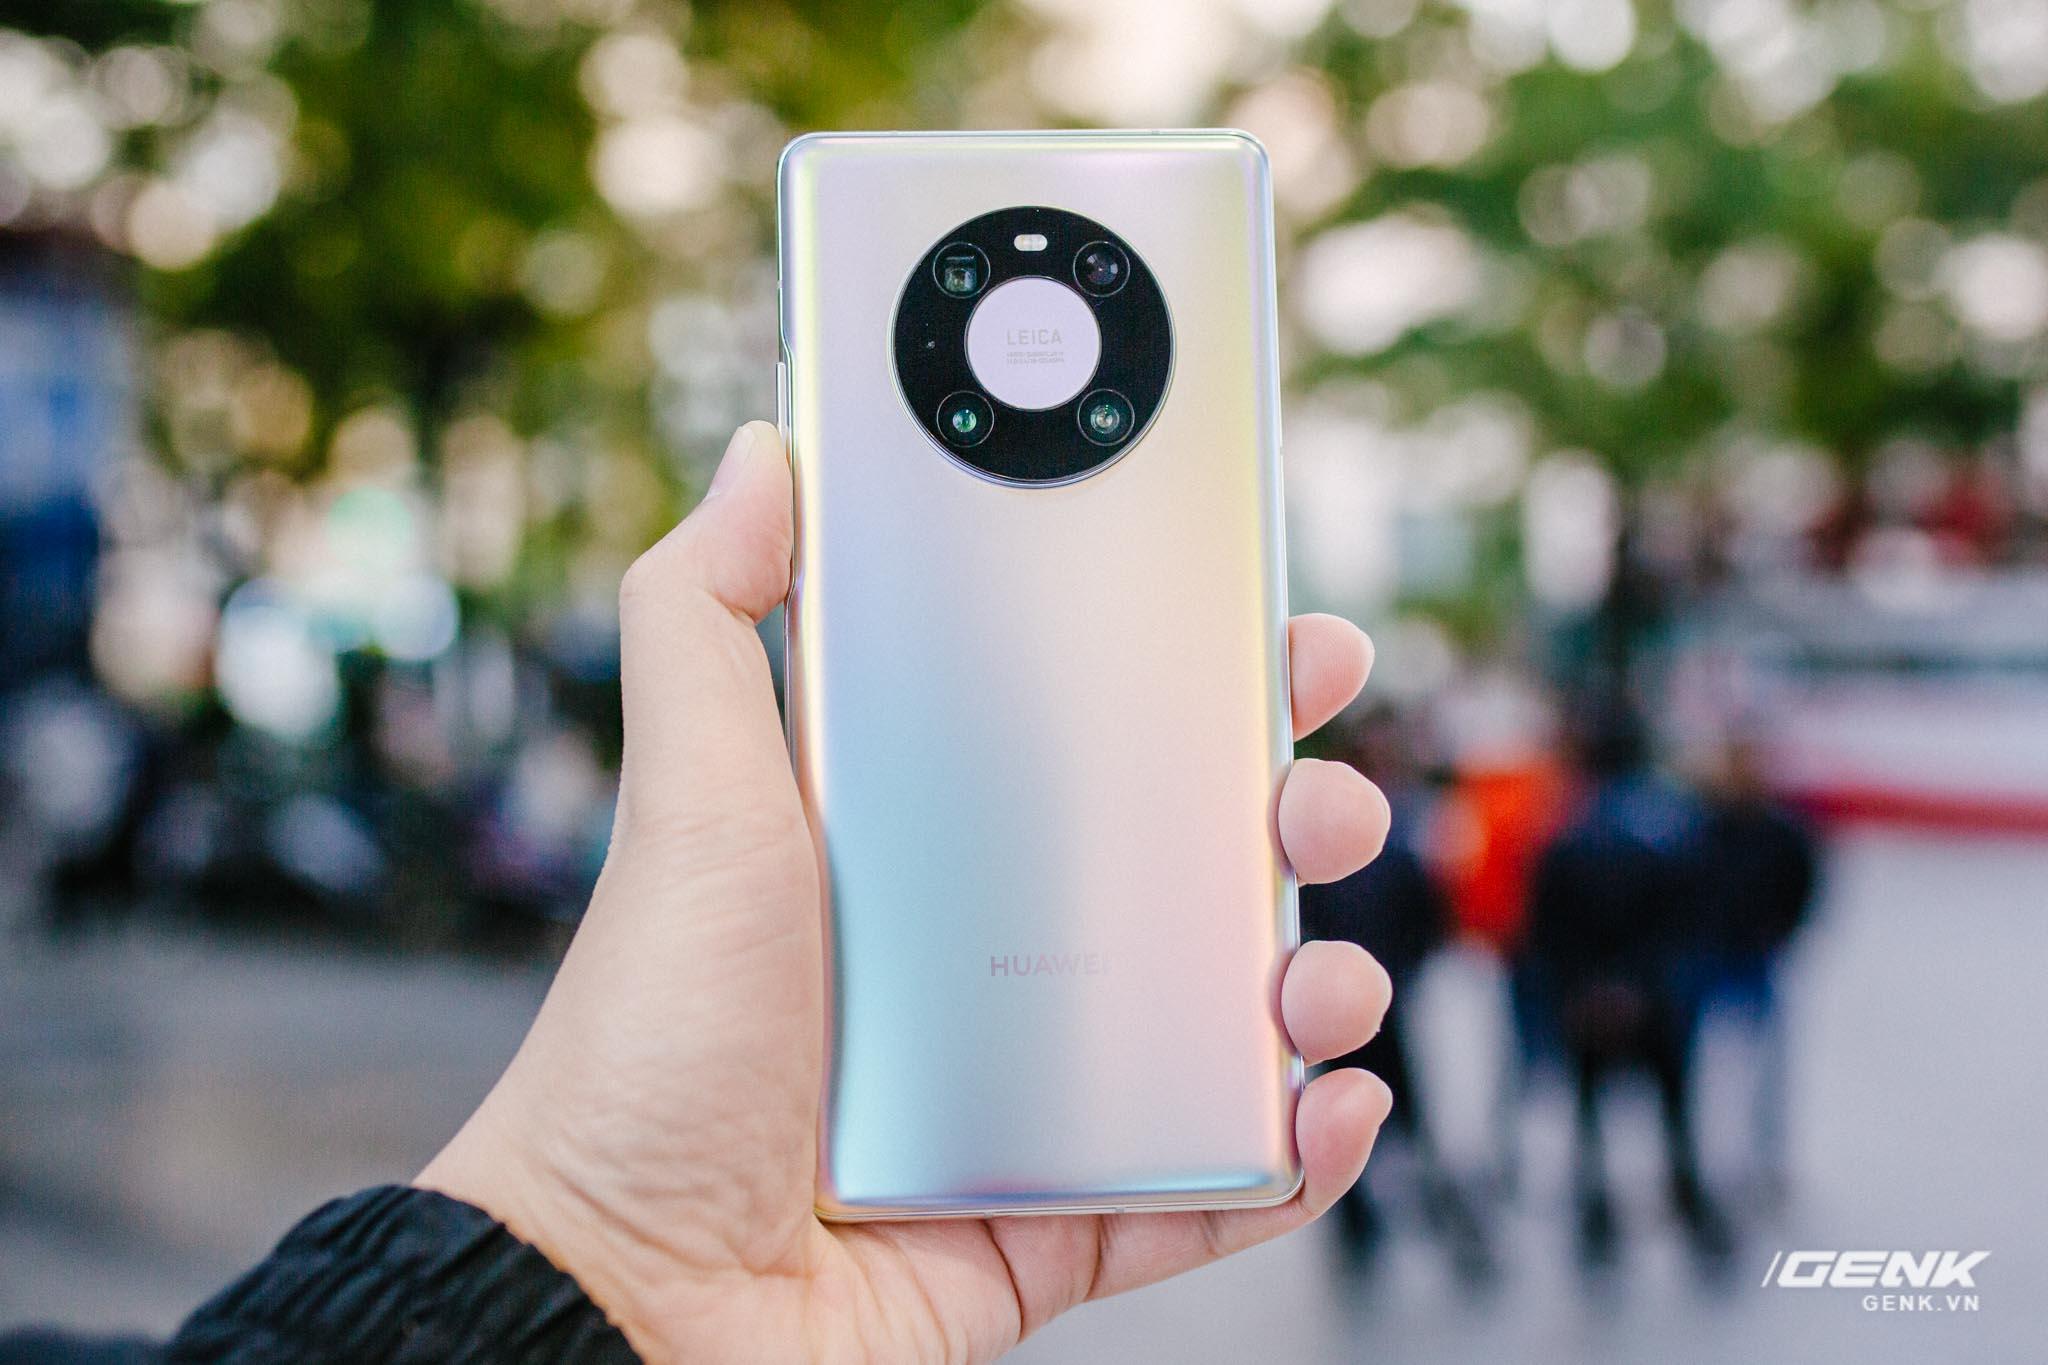 CEO Huawei thừa nhận iPhone 12 là điện thoại tốt nhất thế giới - Ảnh 2.